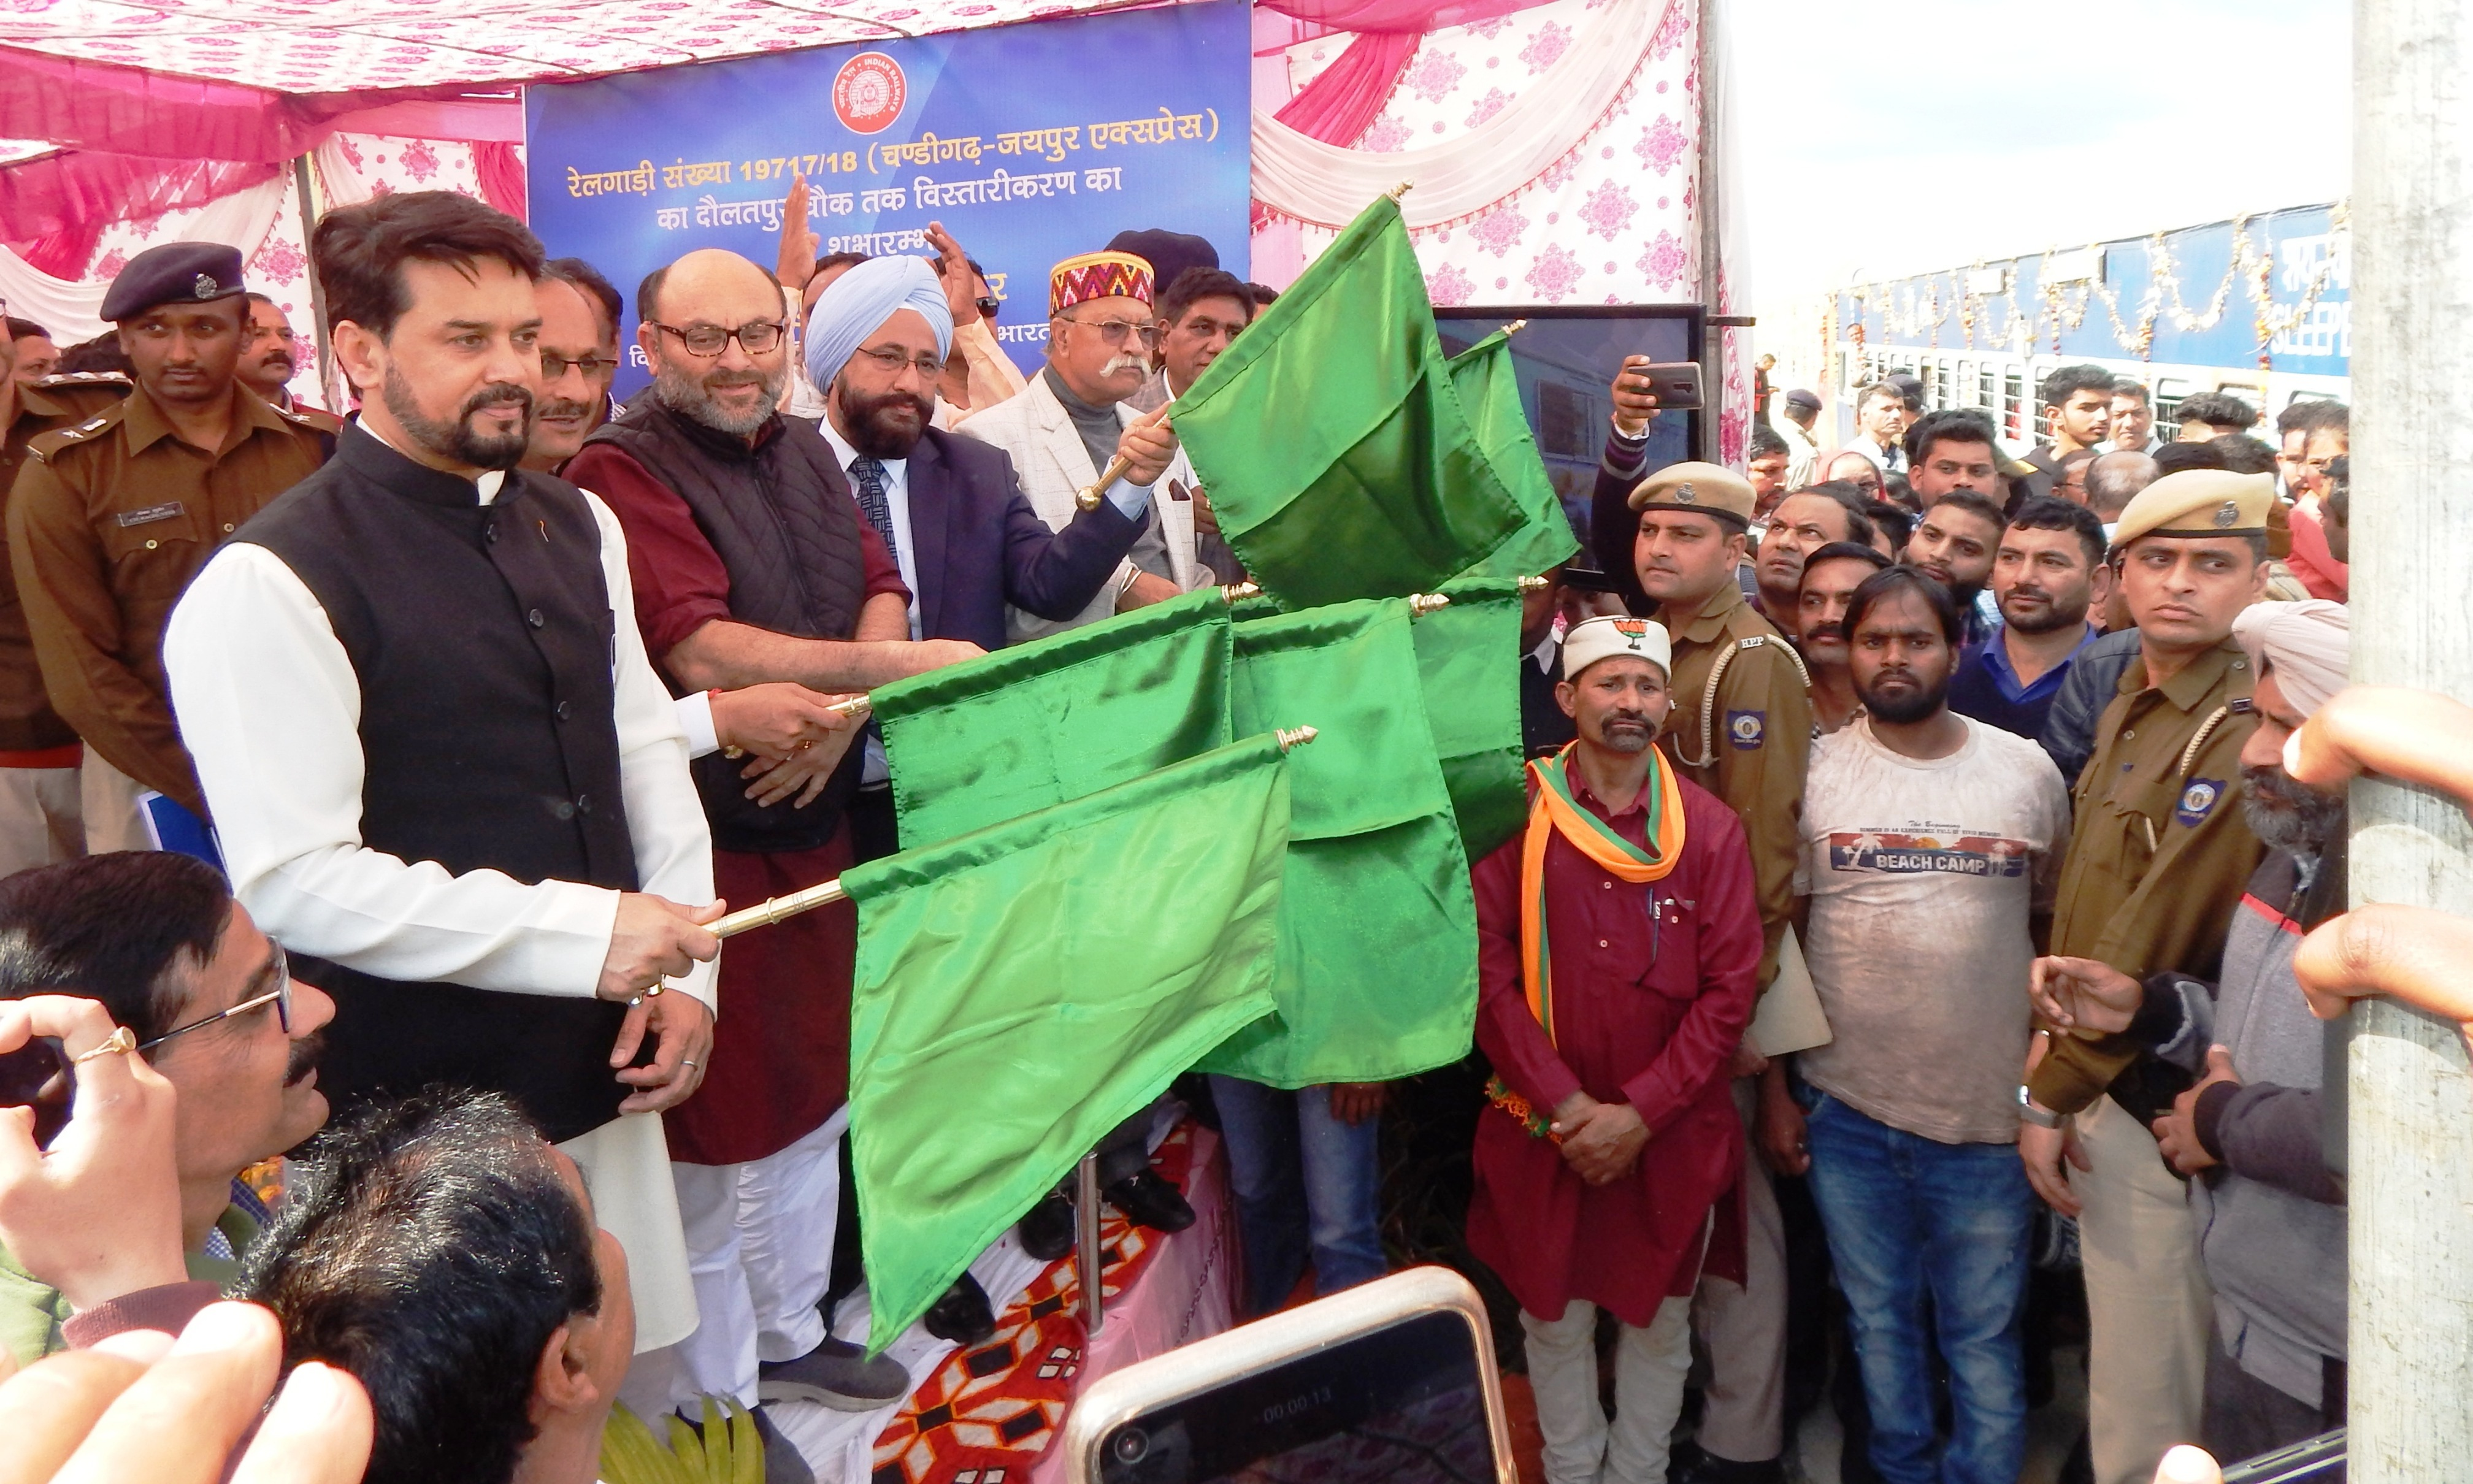 अनुराग ठाकुर ने जयपुर इंटर सिटी एक्सप्रैस ट्रेन को दिखाई हरी झंडी